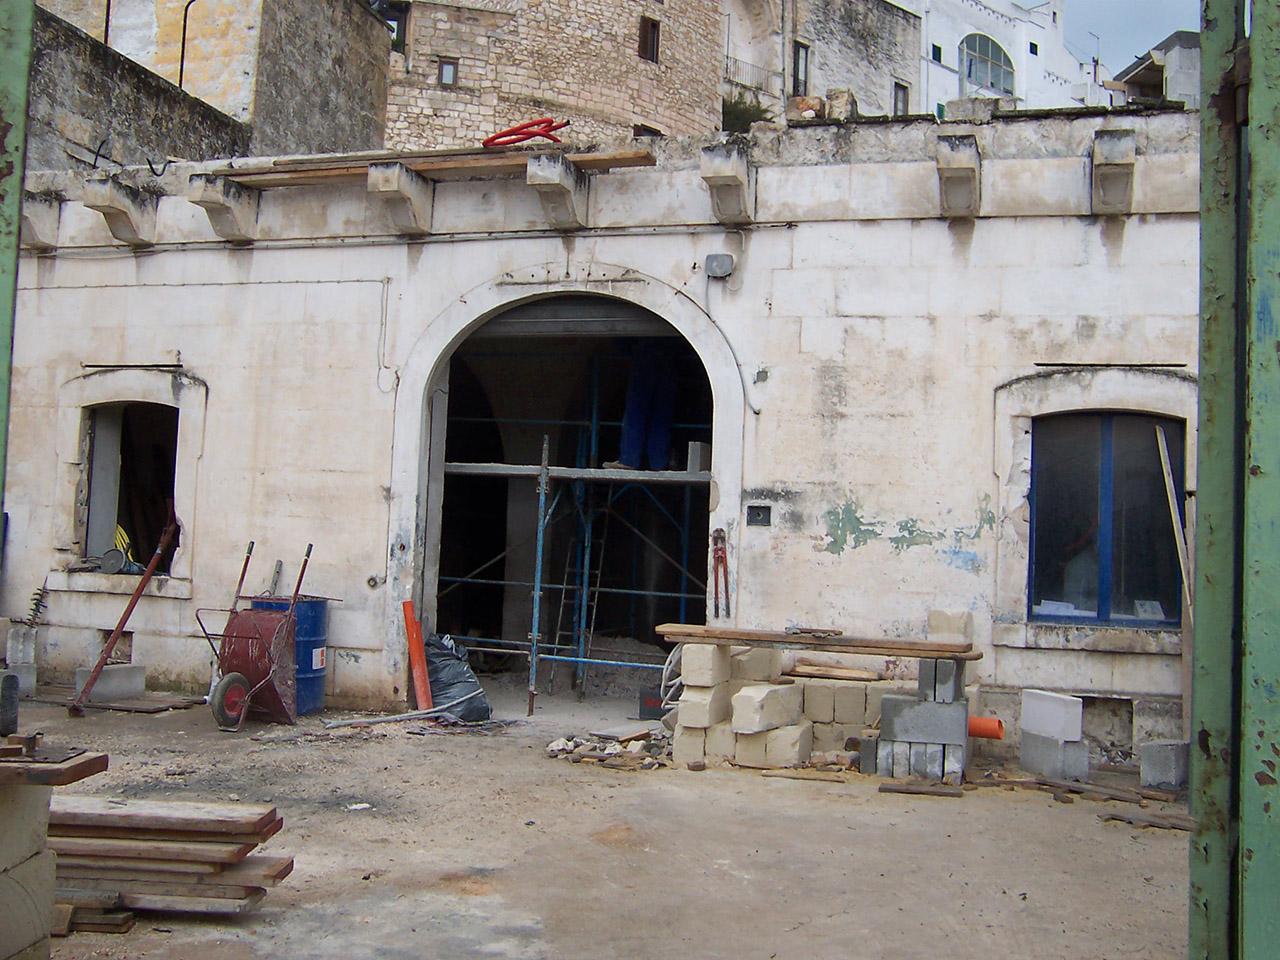 costruzioni restauri sirio ostuni ristrutturazione restauro ristorante acquasale centro storico ostuni 100 3913